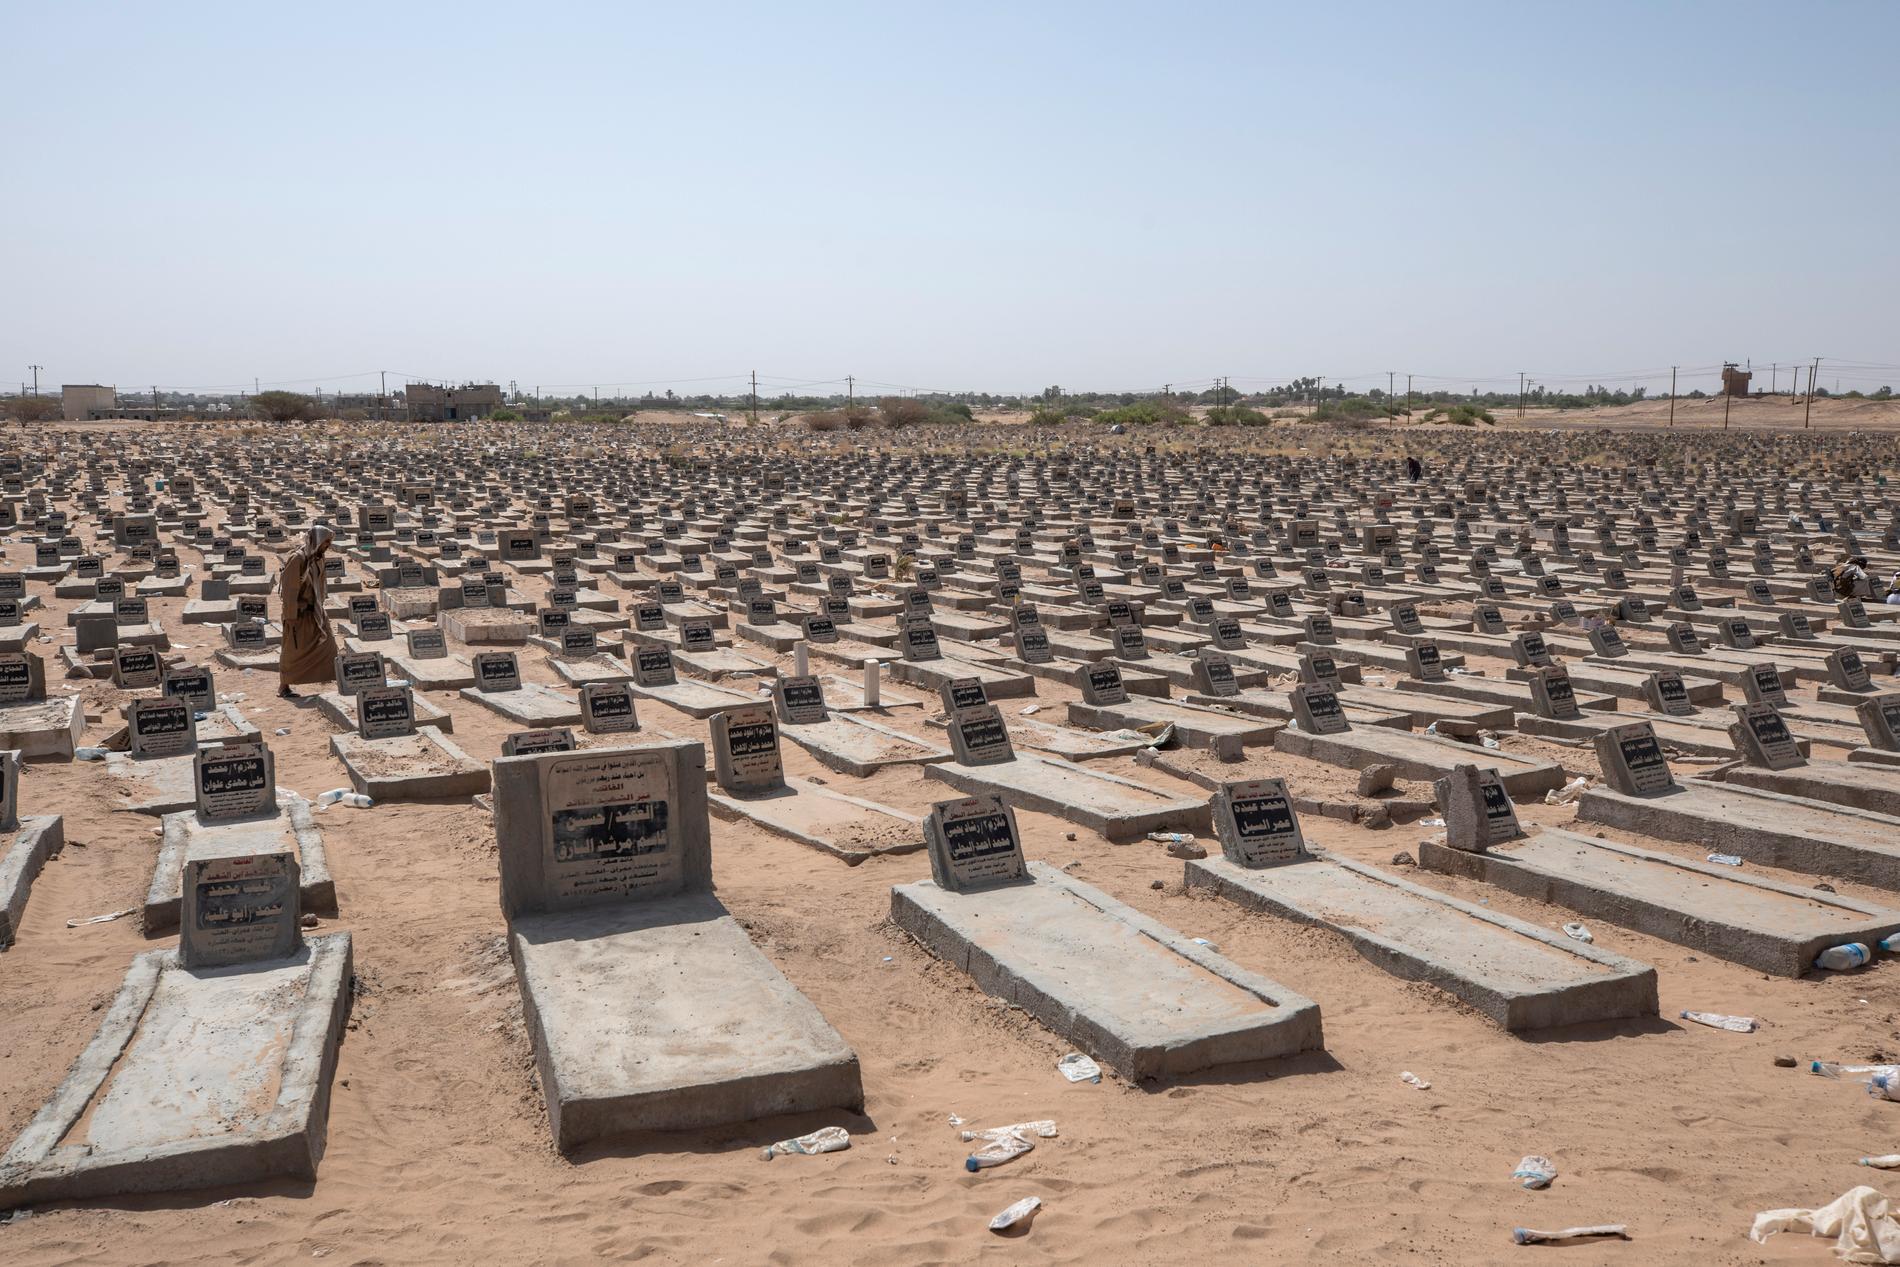 En begravningsplats där hundratals stridande begravts i den jemenitiska staden Marib. Fotot togs i somras.